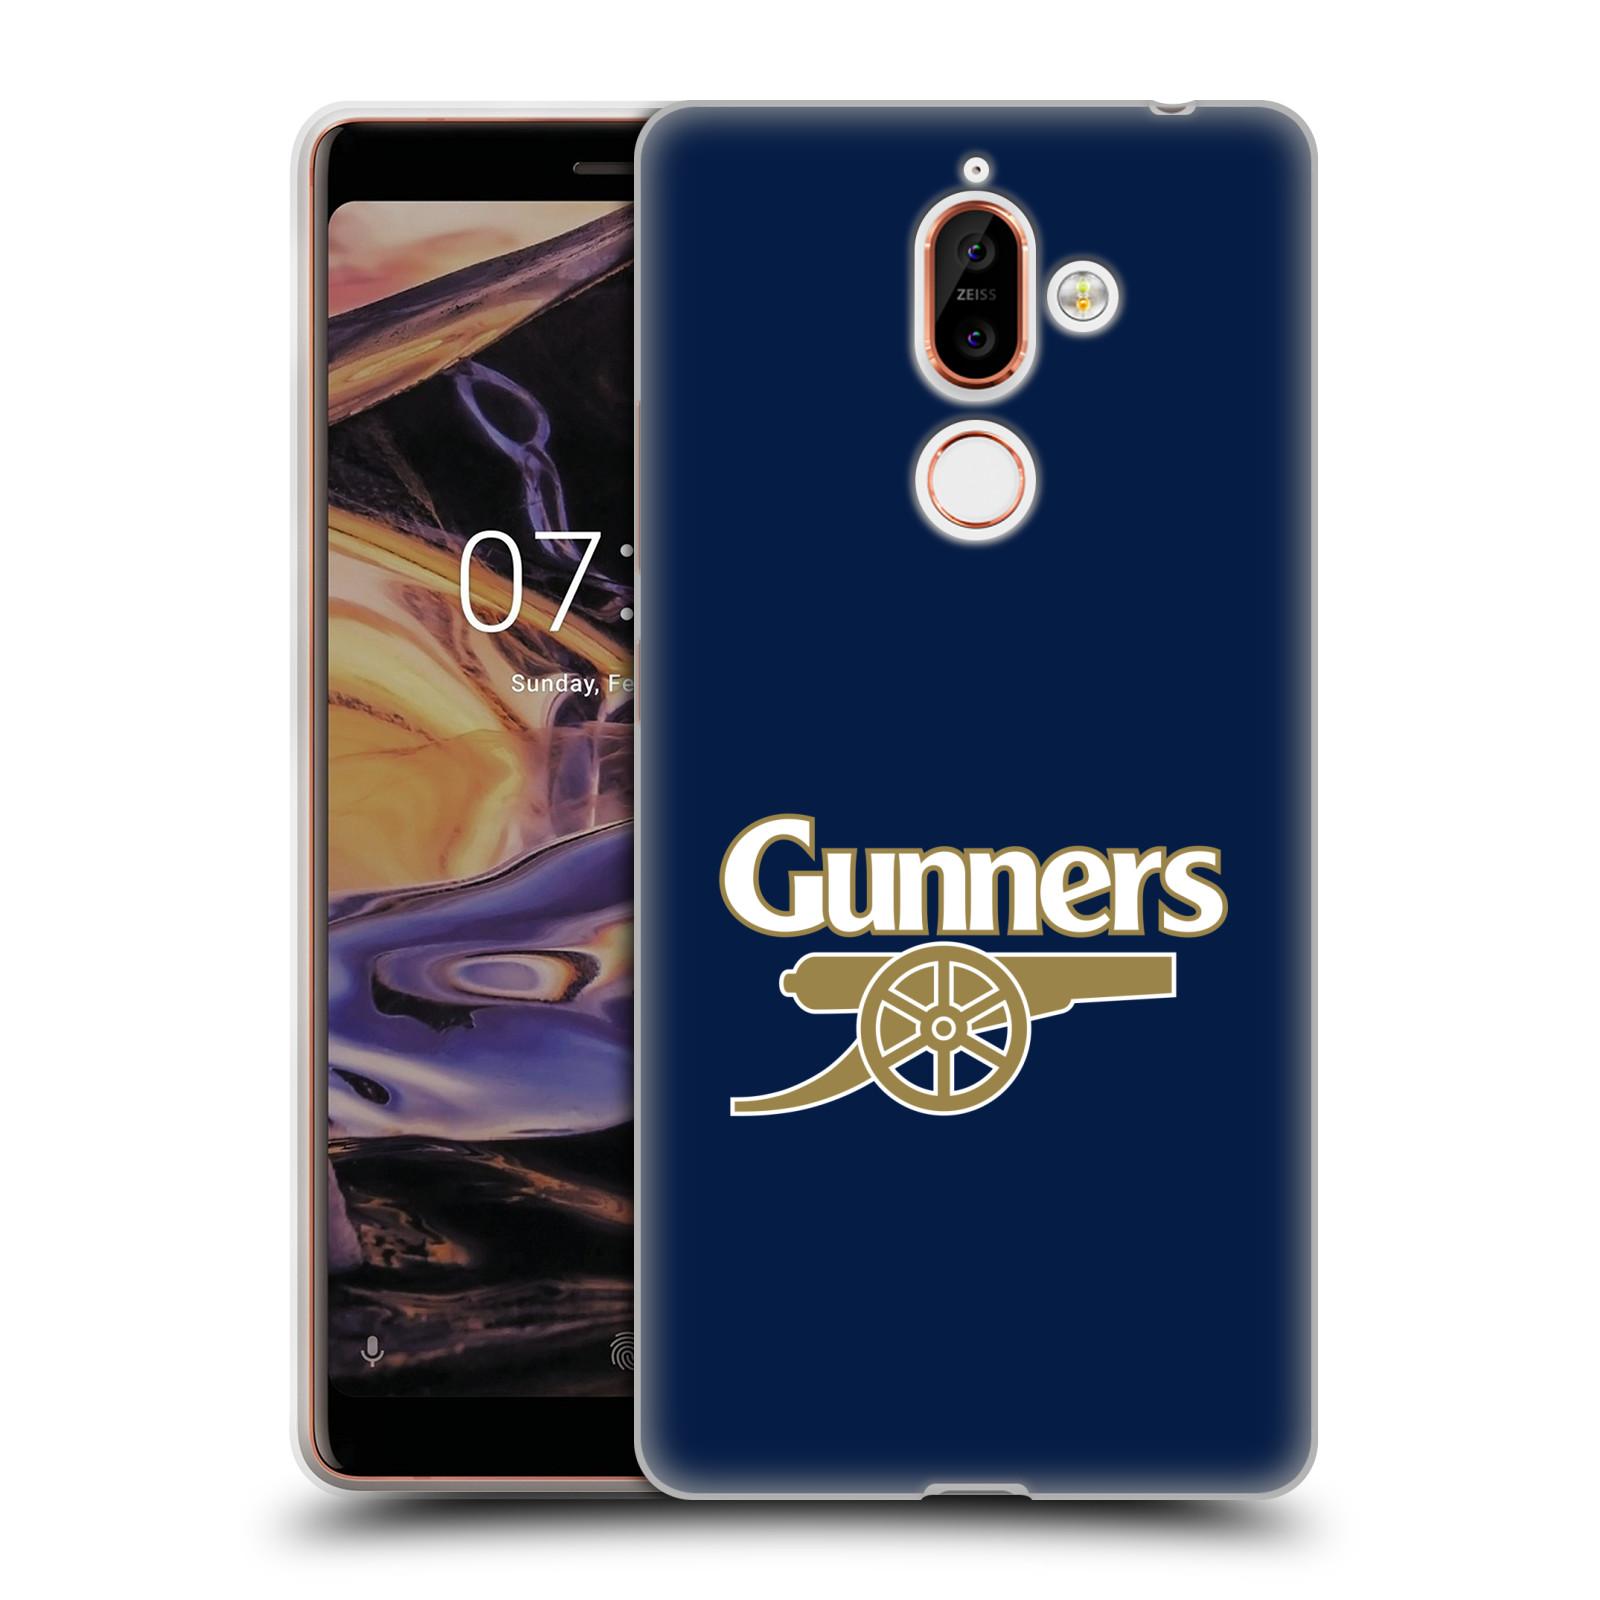 Silikonové pouzdro na mobil Nokia 7 Plus - Head Case - Arsenal FC - Gunners